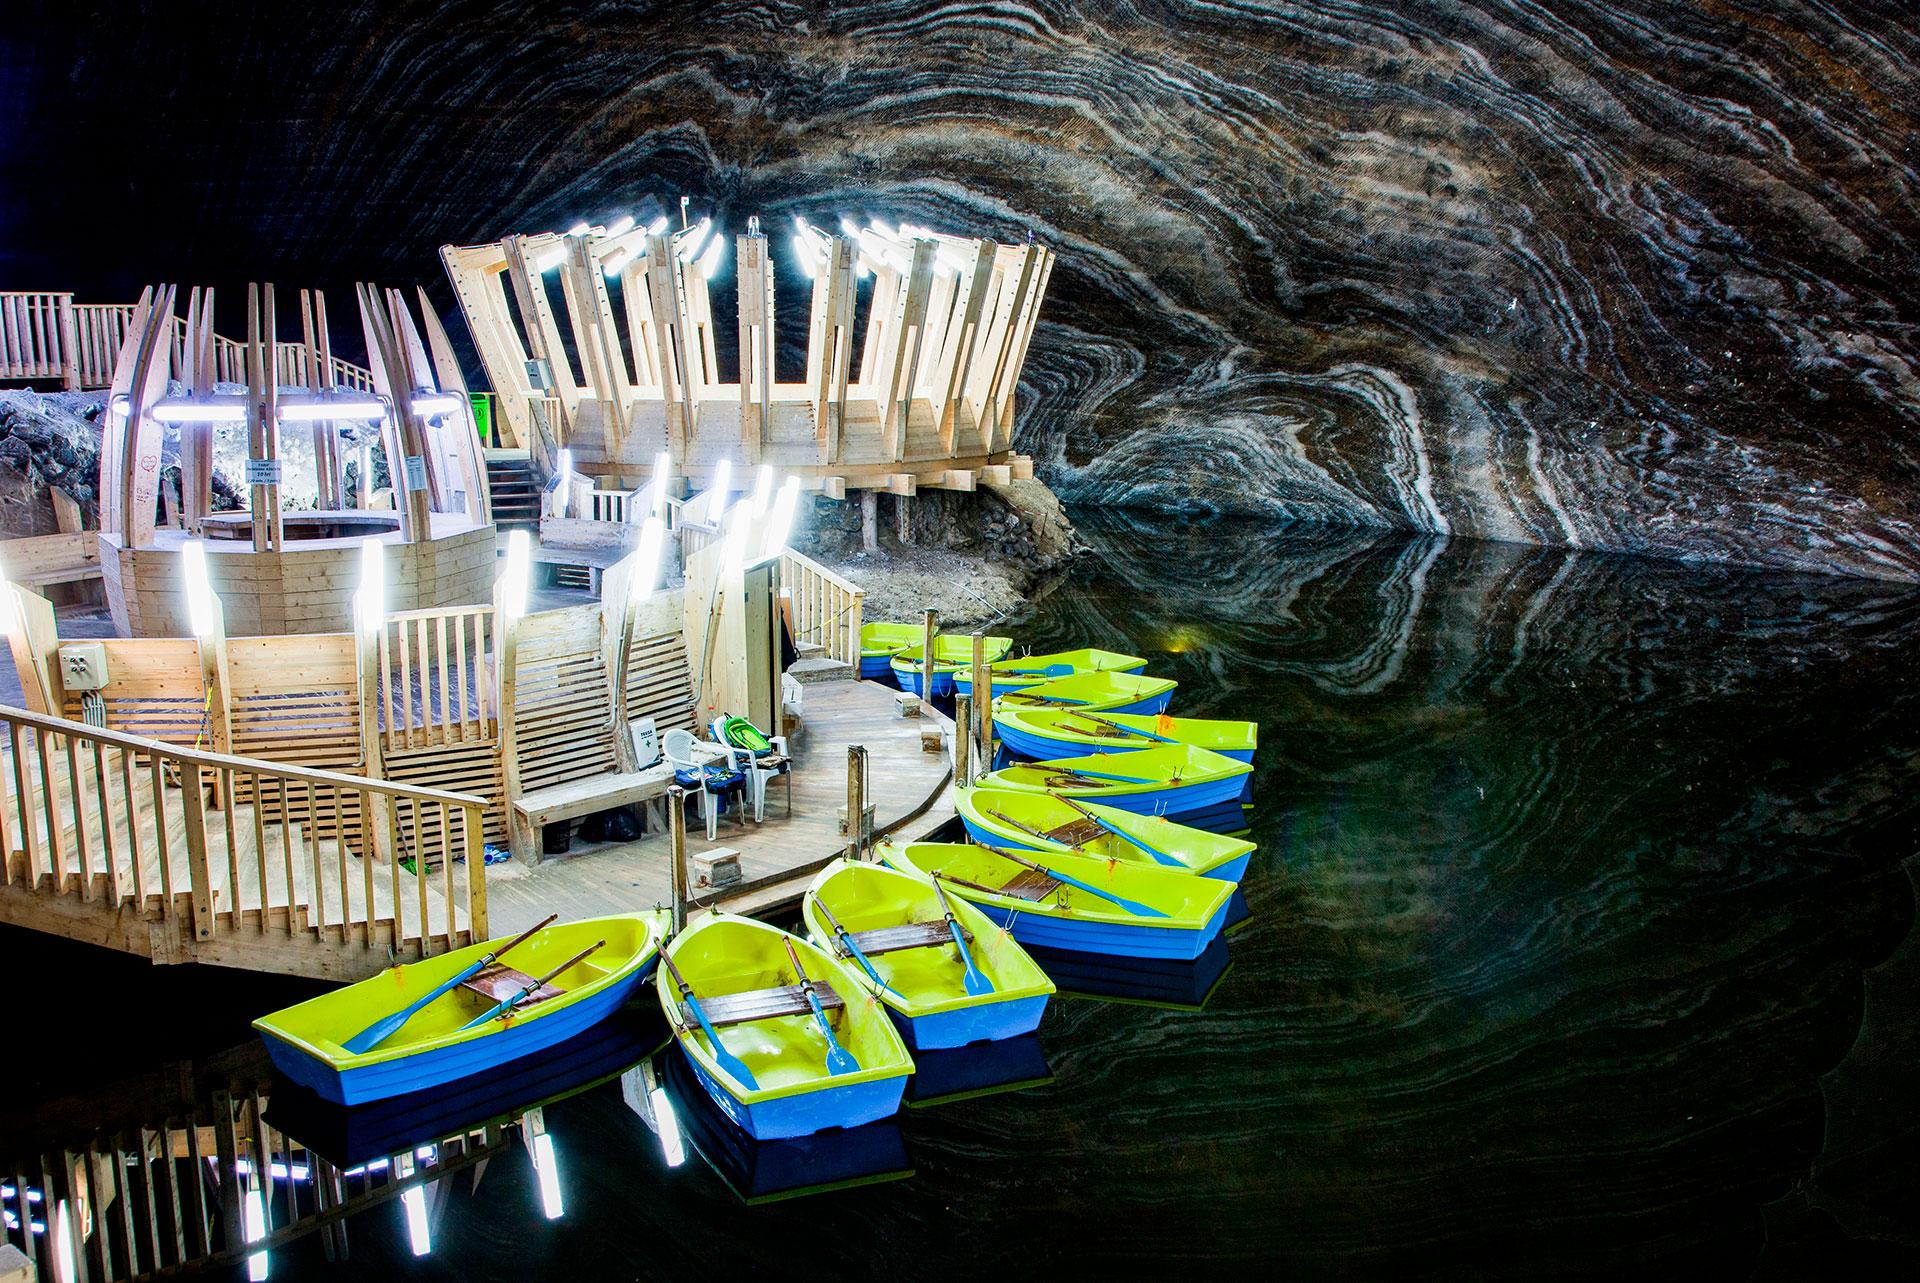 Sorprende su impresionante lago subterráneo, en el fondo de una caverna más profunda a unos 120 metros bajo tierra. Allí se puede cruzar a una pequeña isla donde se puede alquilar un bote de remos para explorar los confines más alejados de la laguna, rodeada de una